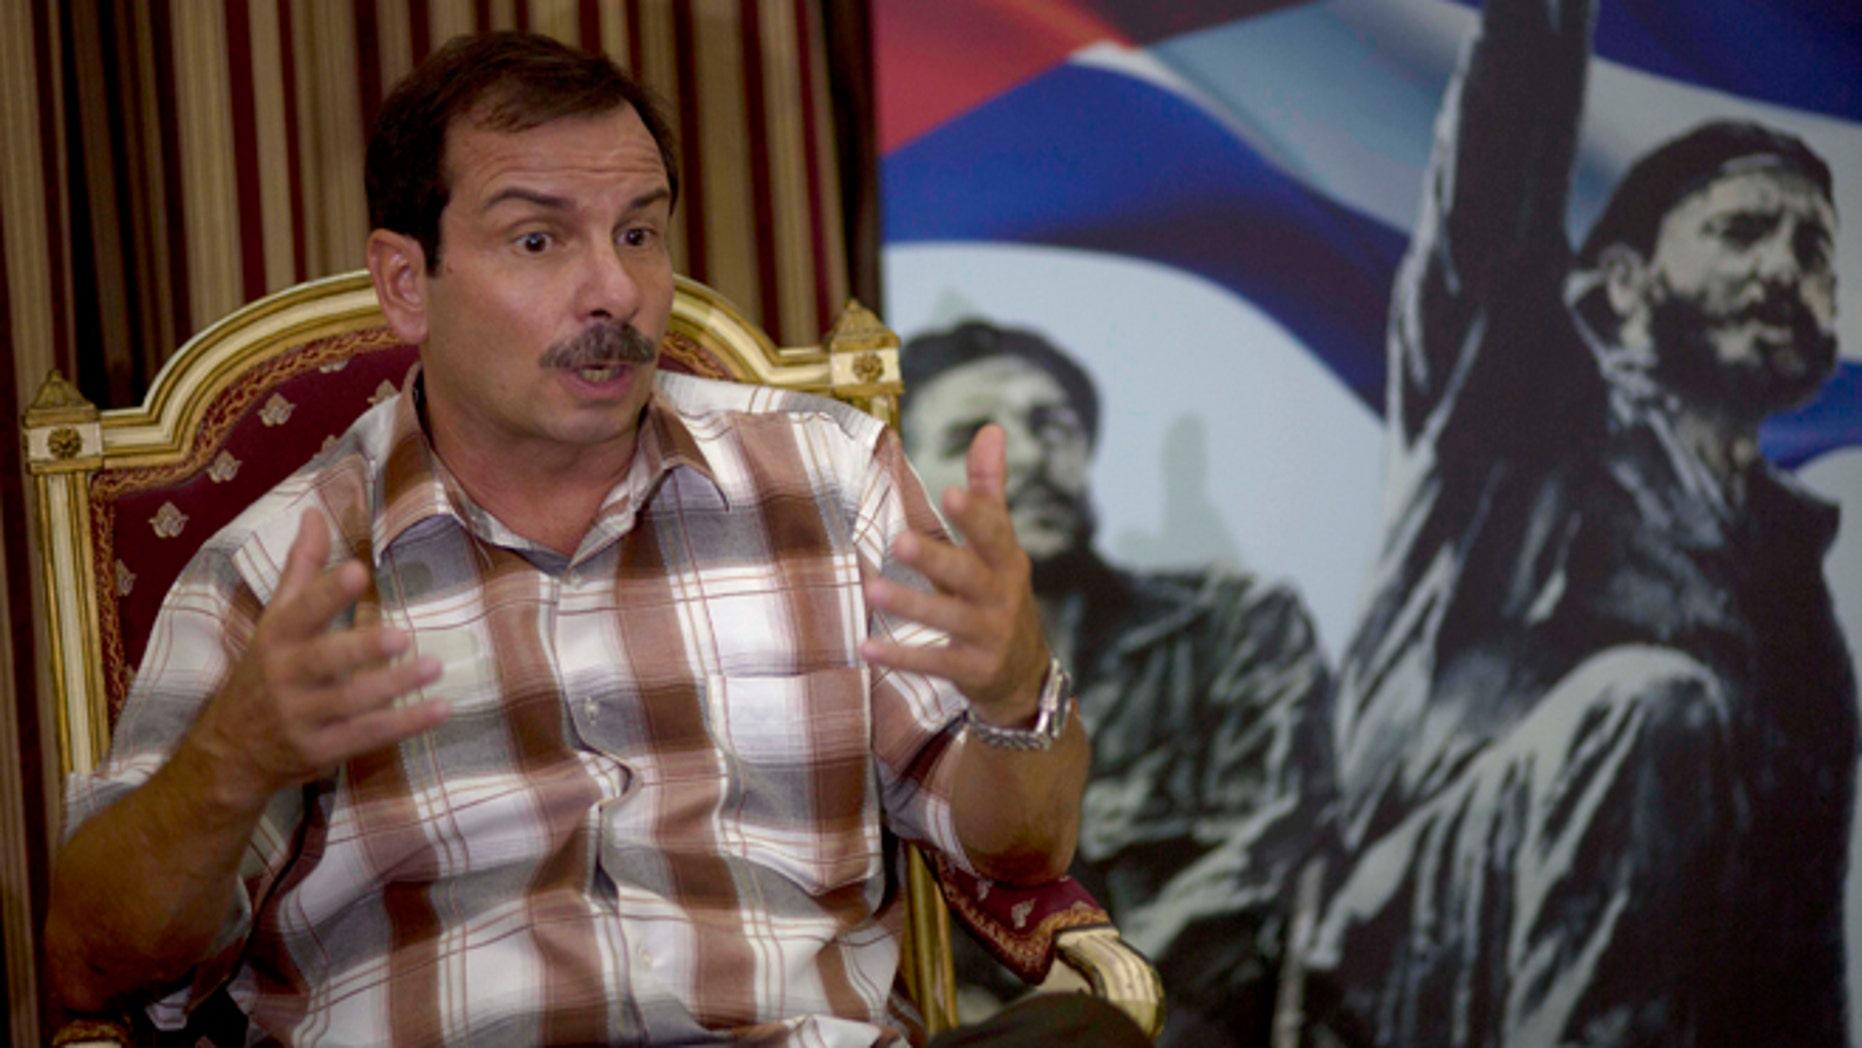 Fernando Gonzalez, a member of the Cuban Five, during an interview in Havana, Cuba, Thursday, Sept. 4, 2014.